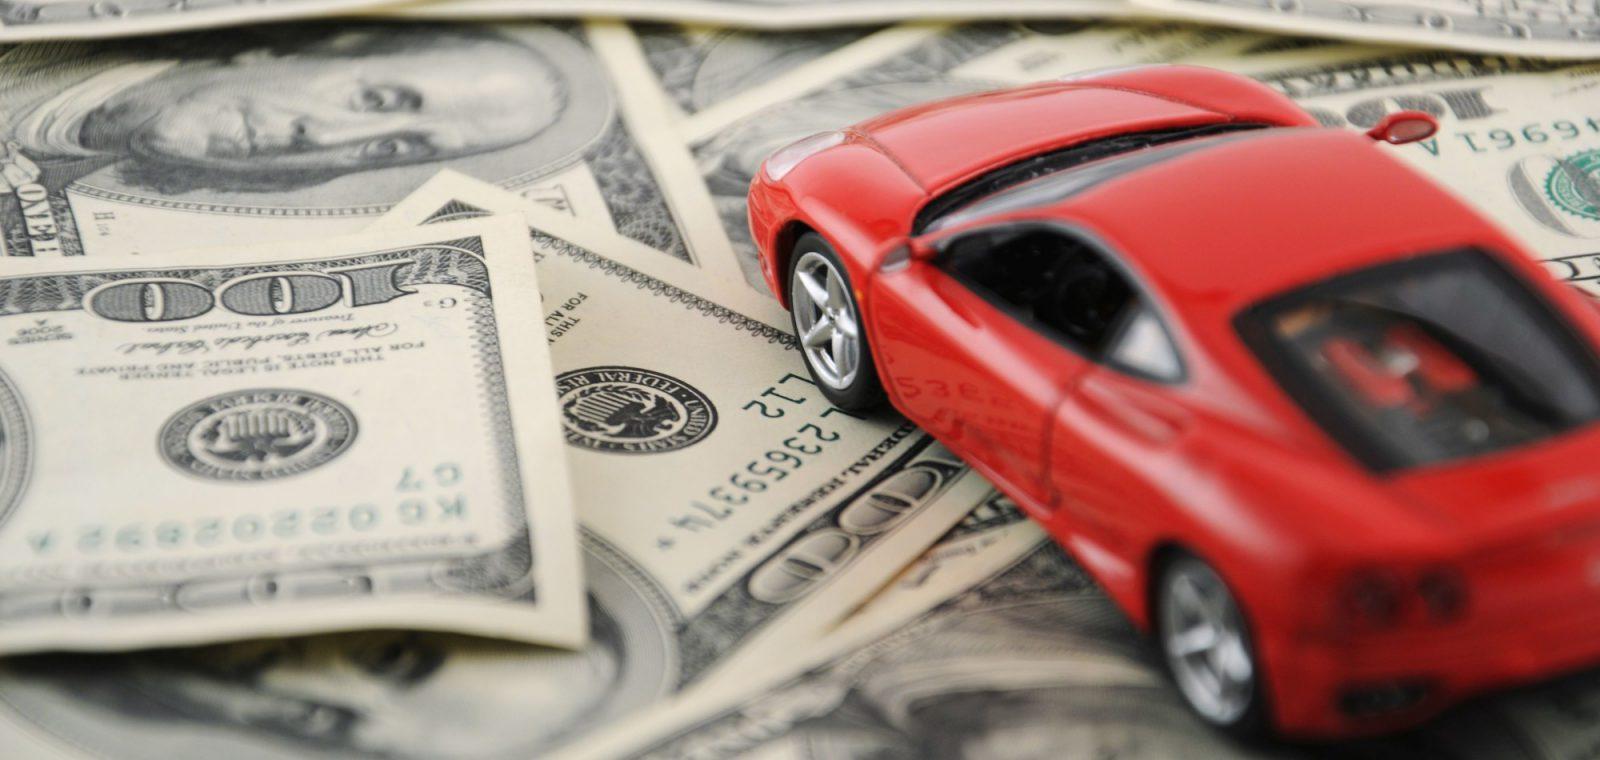 Сниженные акцизы на растаможку авто: кто на них имеет право